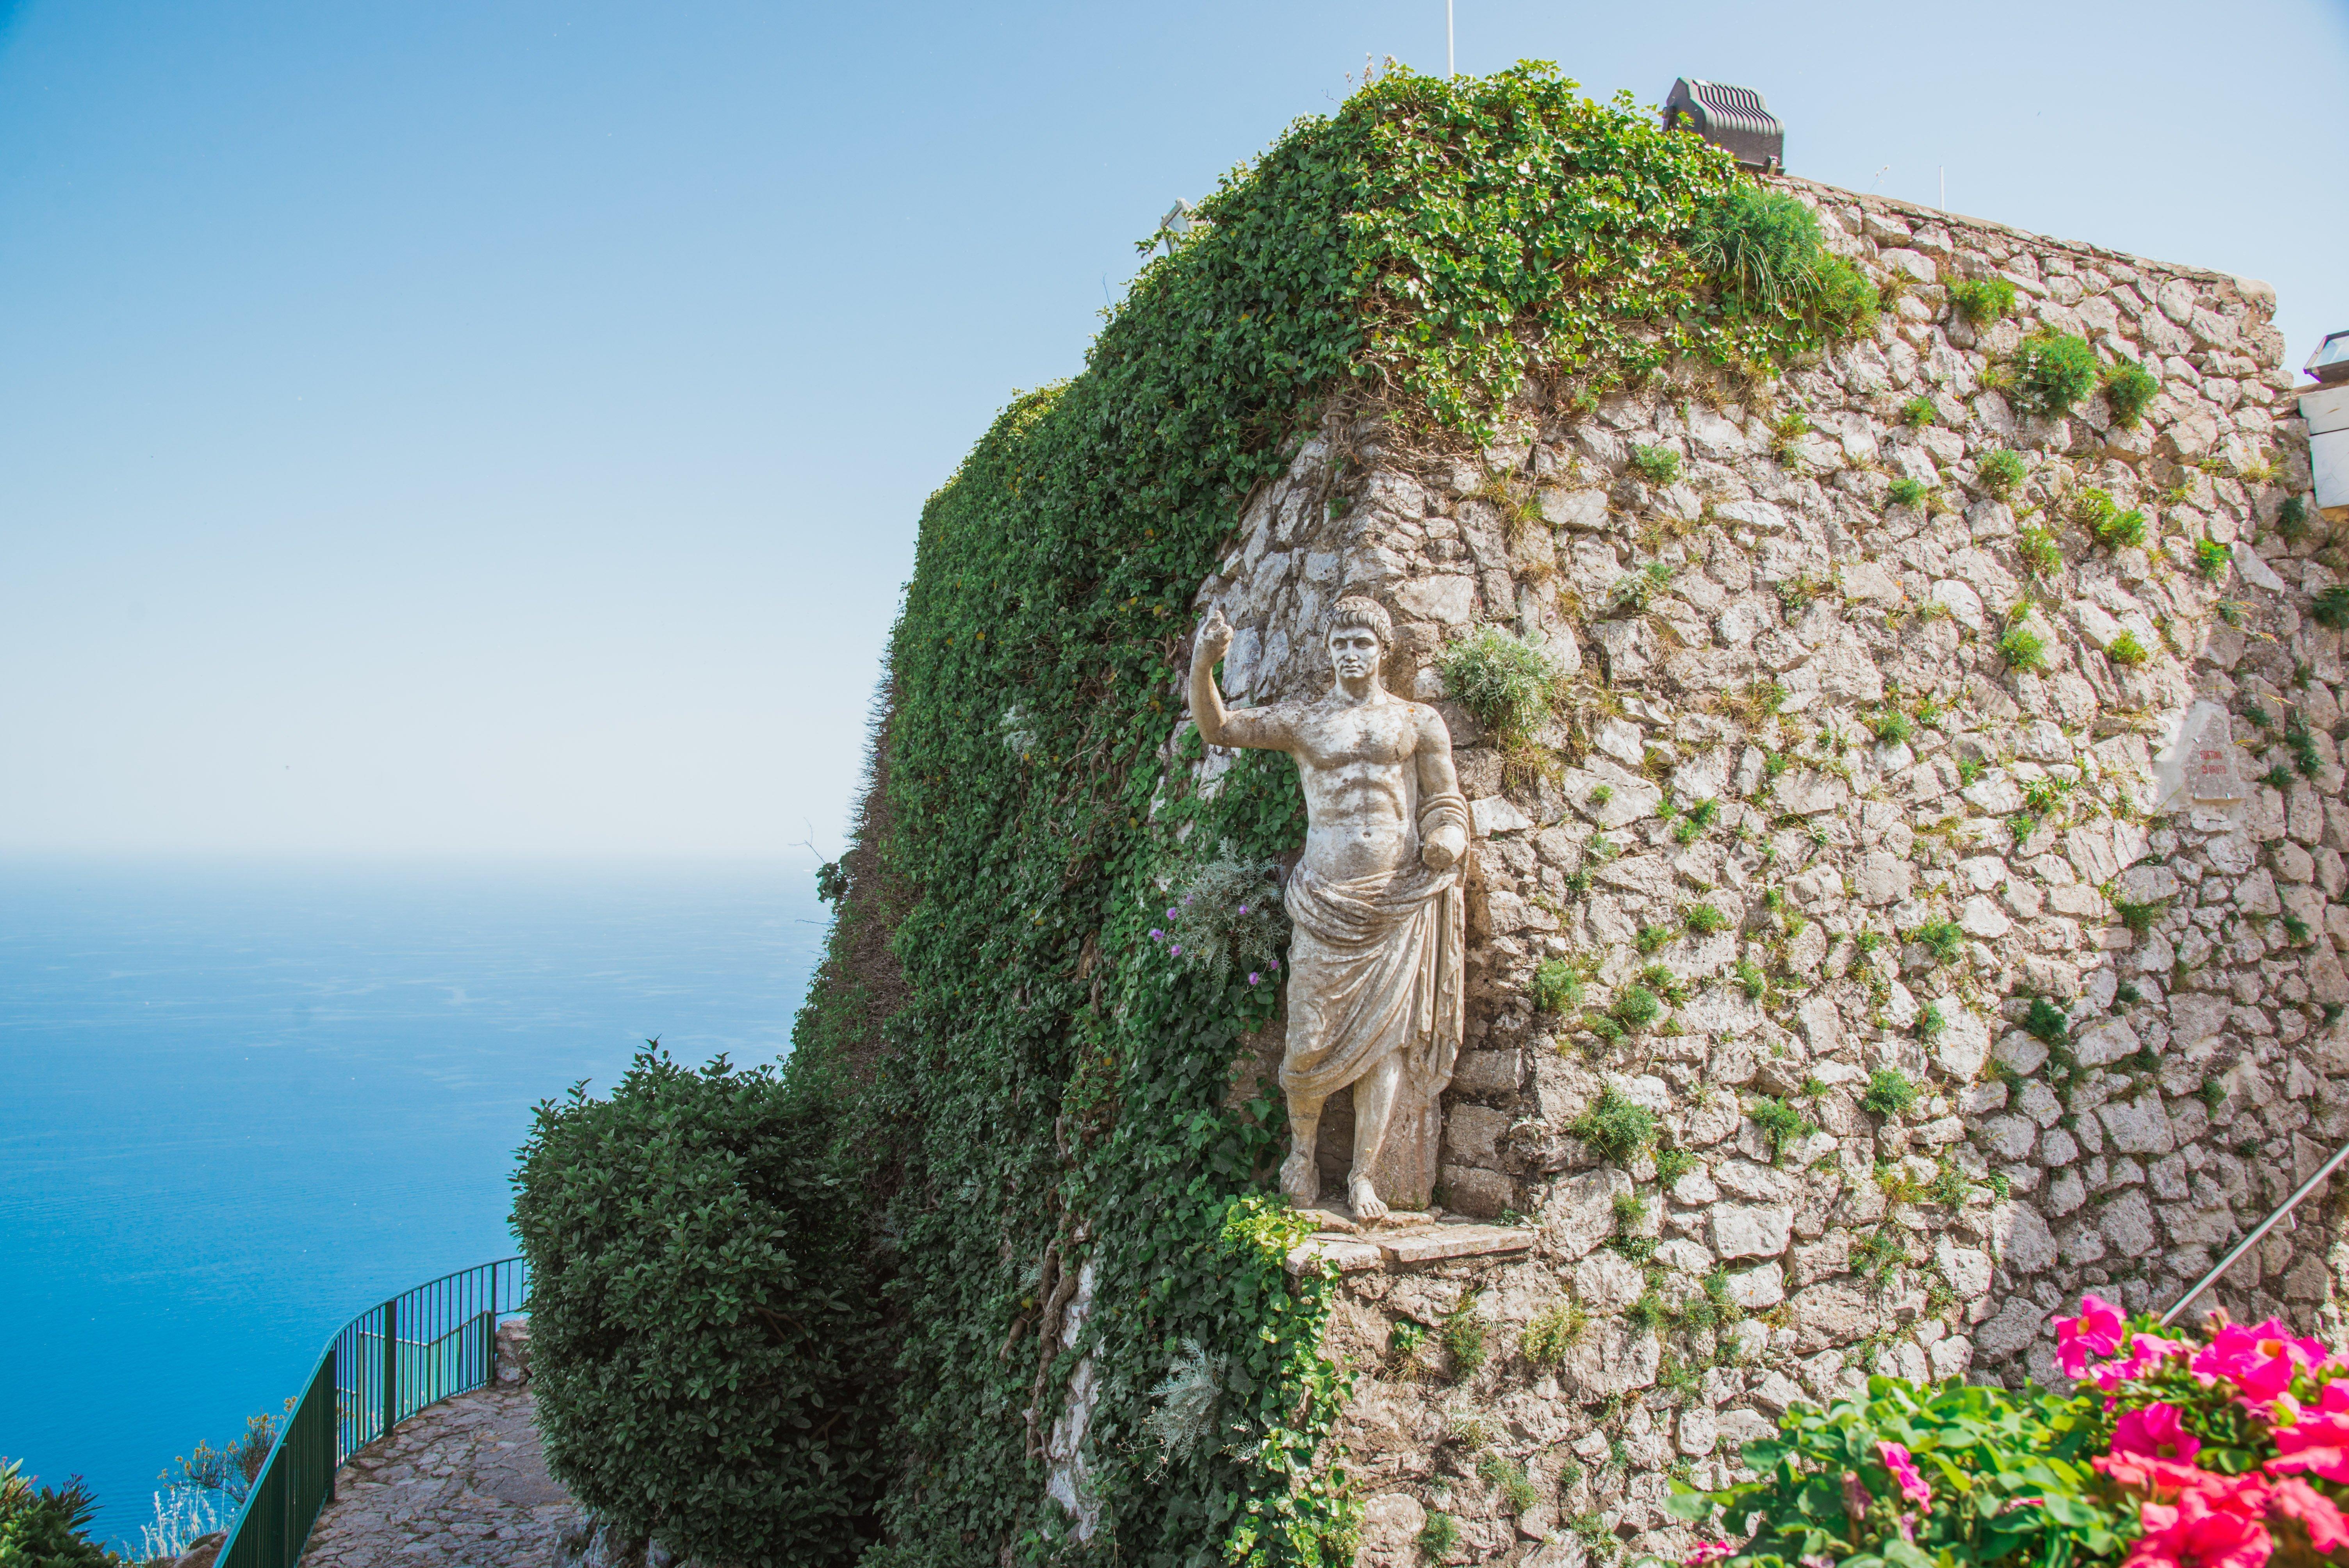 Anacapri Montesolaro Caesar statue